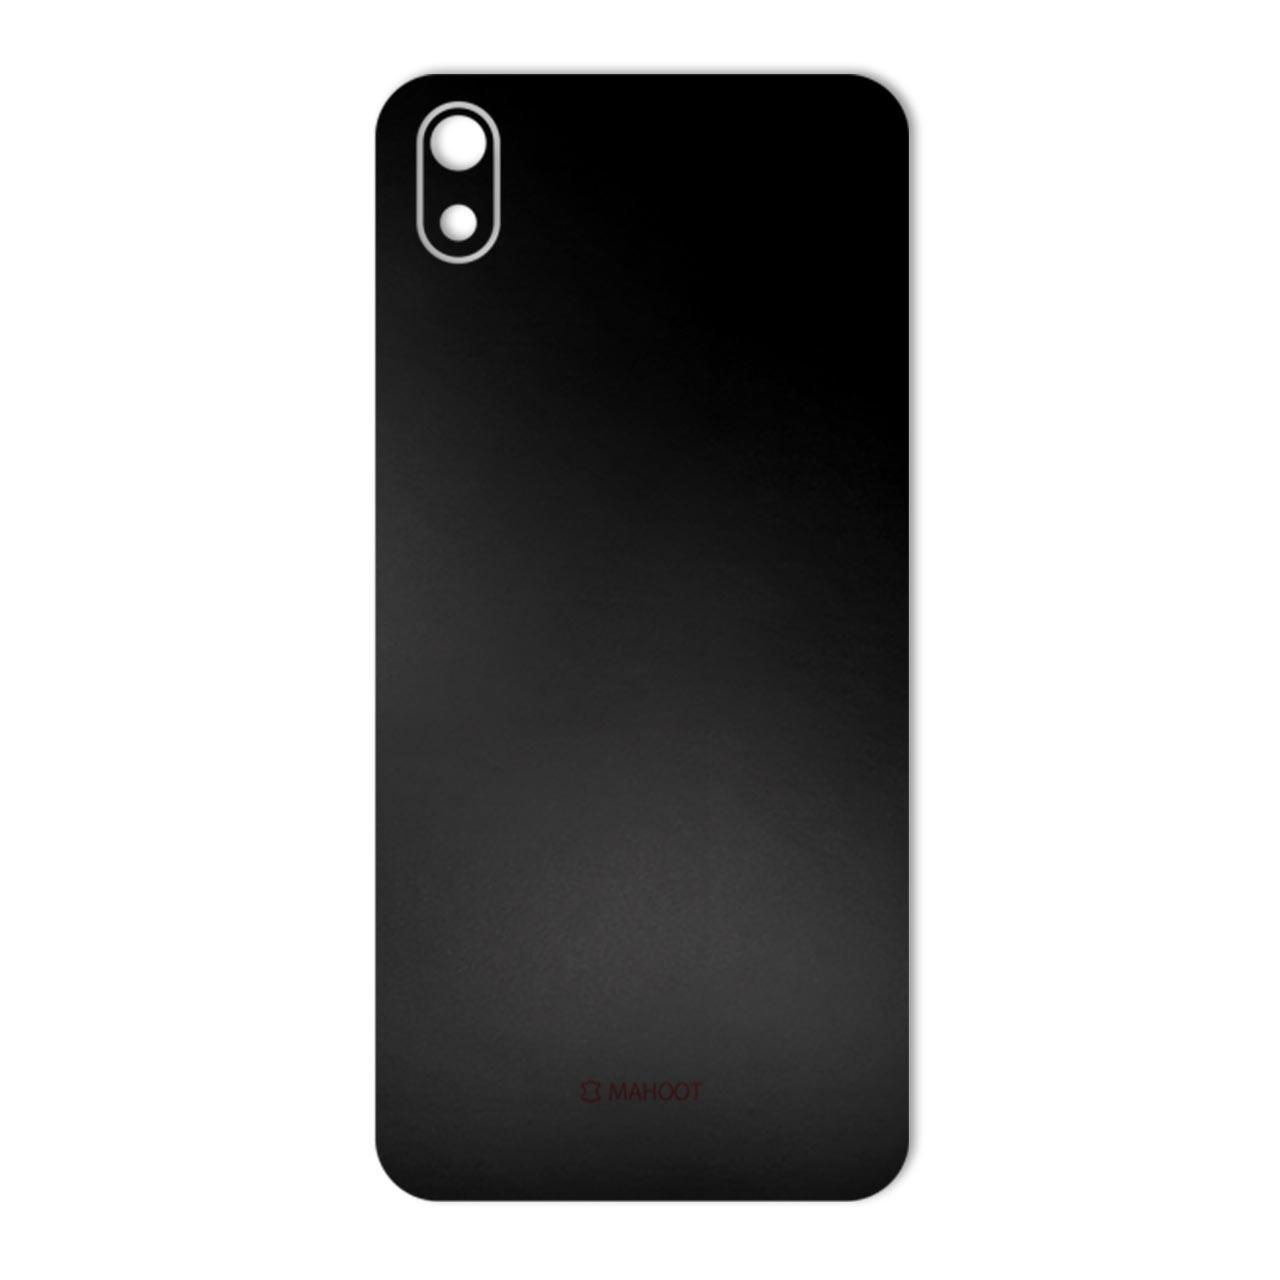 برچسب پوششی ماهوت مدل Black-Color-Shades مناسب برای گوشی موبایل شیائومی Redmi 7A